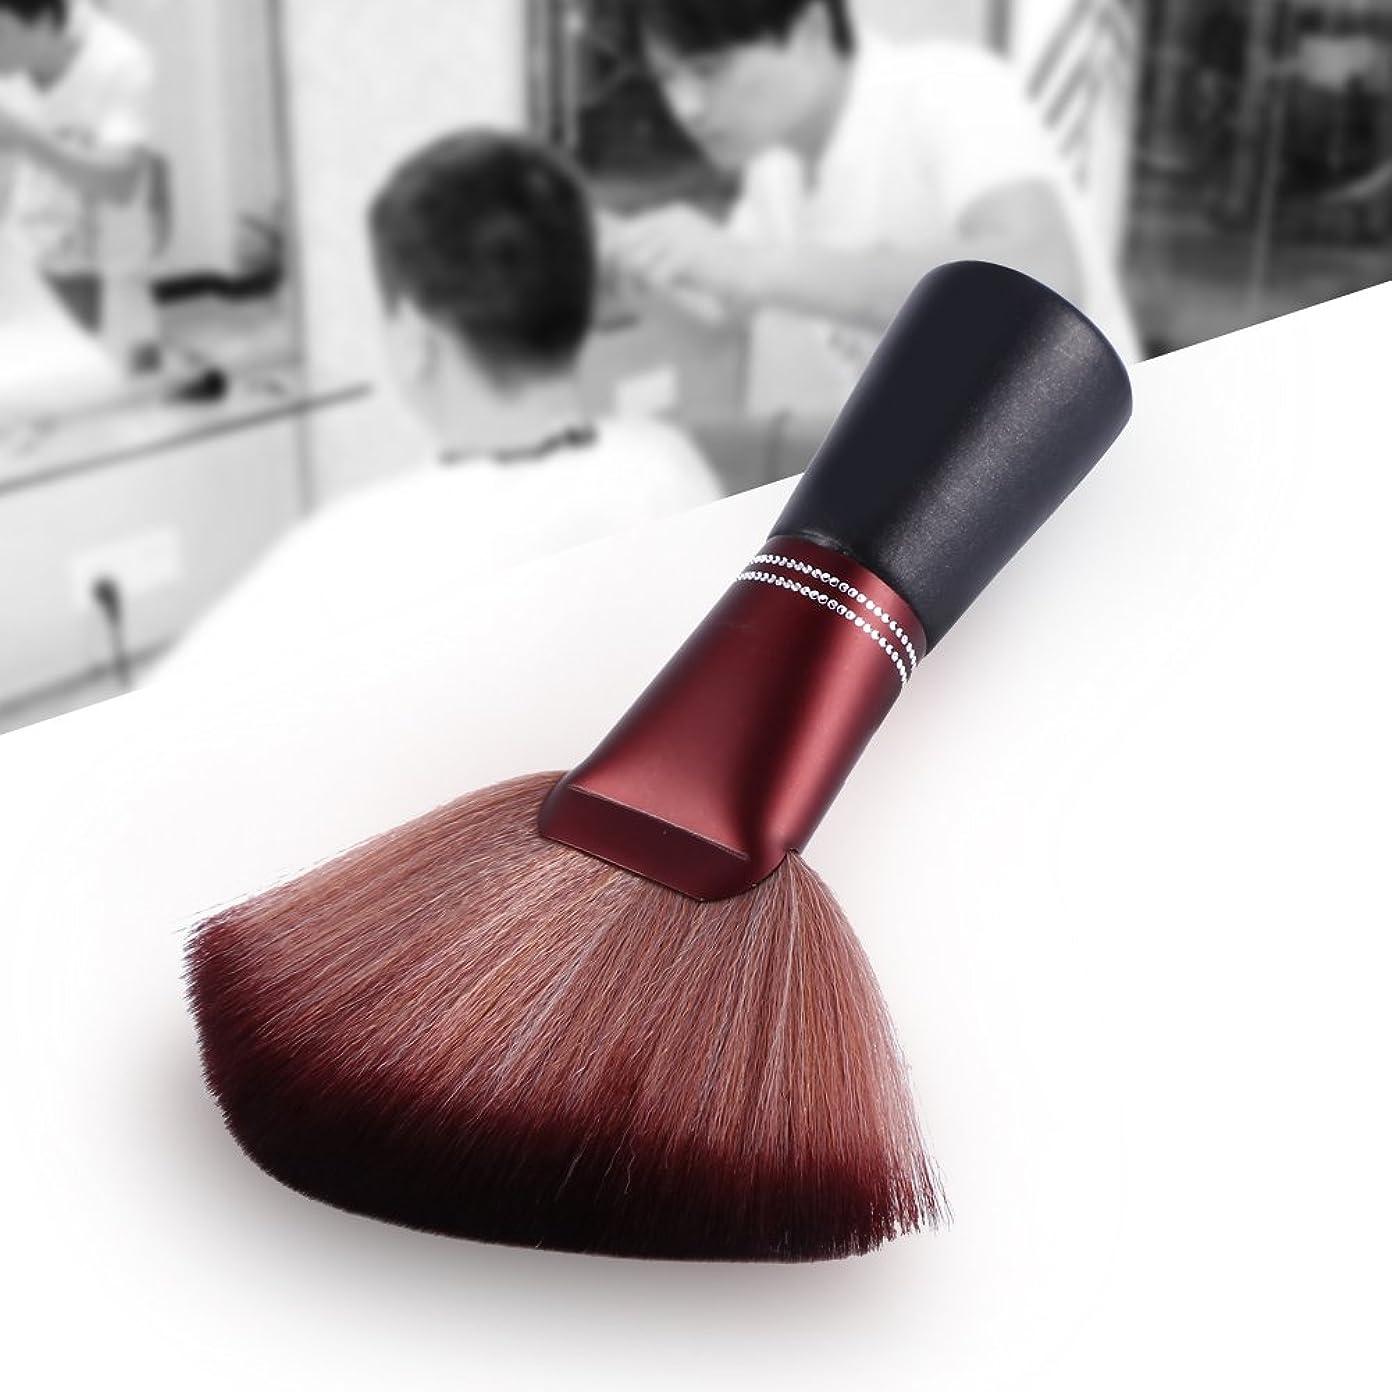 選ぶ征服するヘルシー新しい木製のブラシ、ヘアブラシ 毛払いブラシ 木製ハンドル 散髪 髪切り 散髪用ツール ソフトブラシ